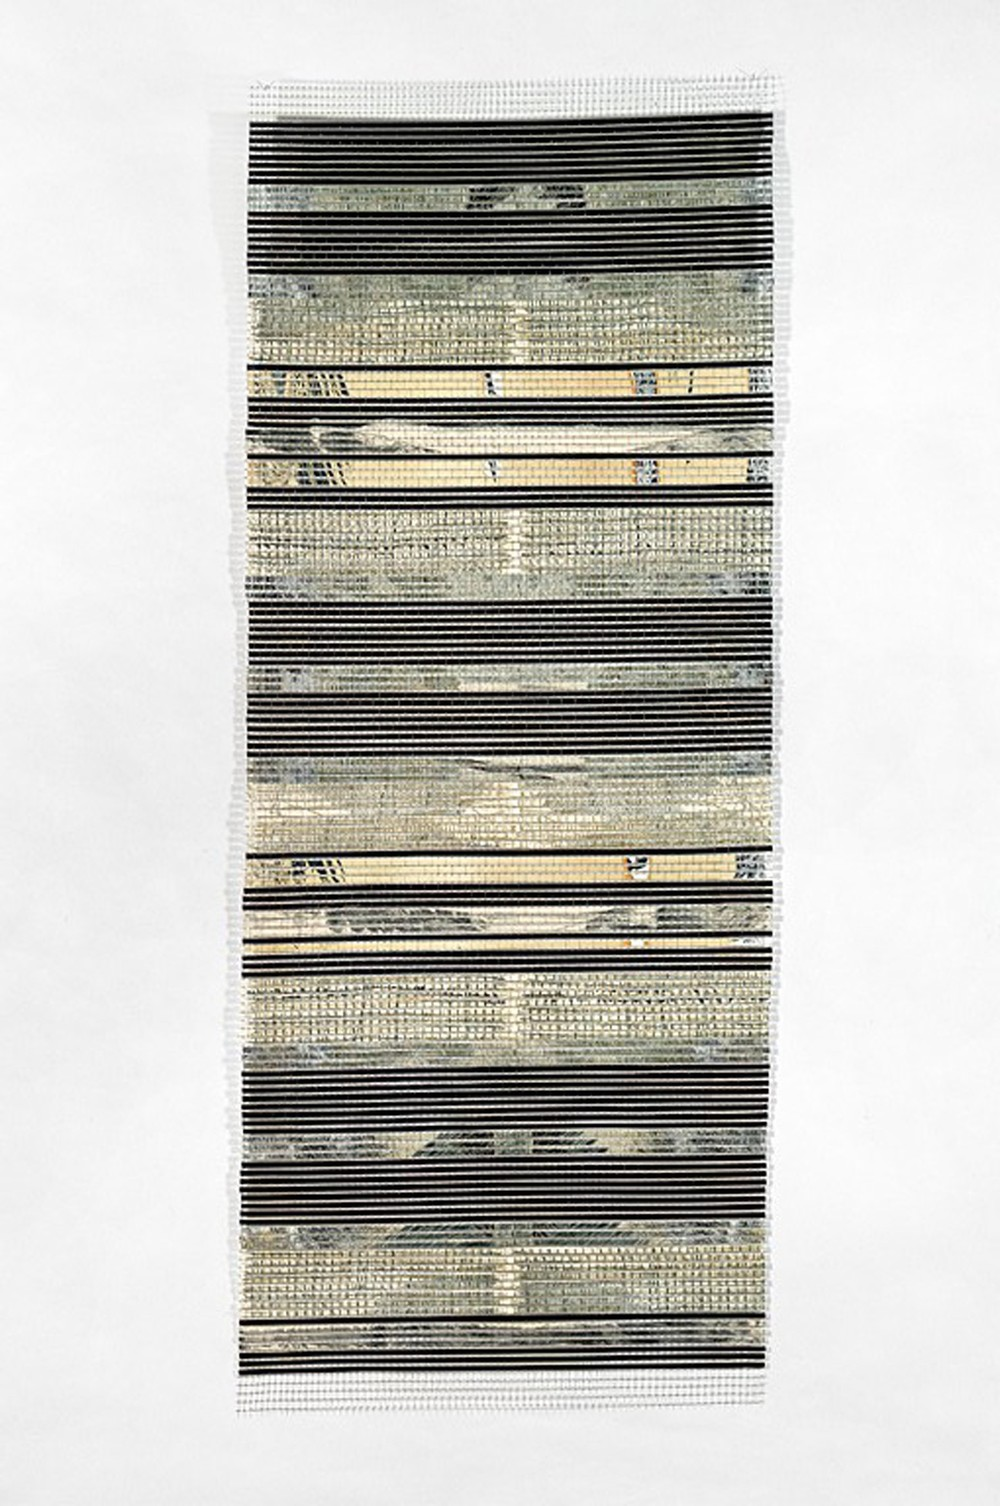 Crète LIII  (2012)    grillage, eau-forte & collagraphie    130 x 59 cm.